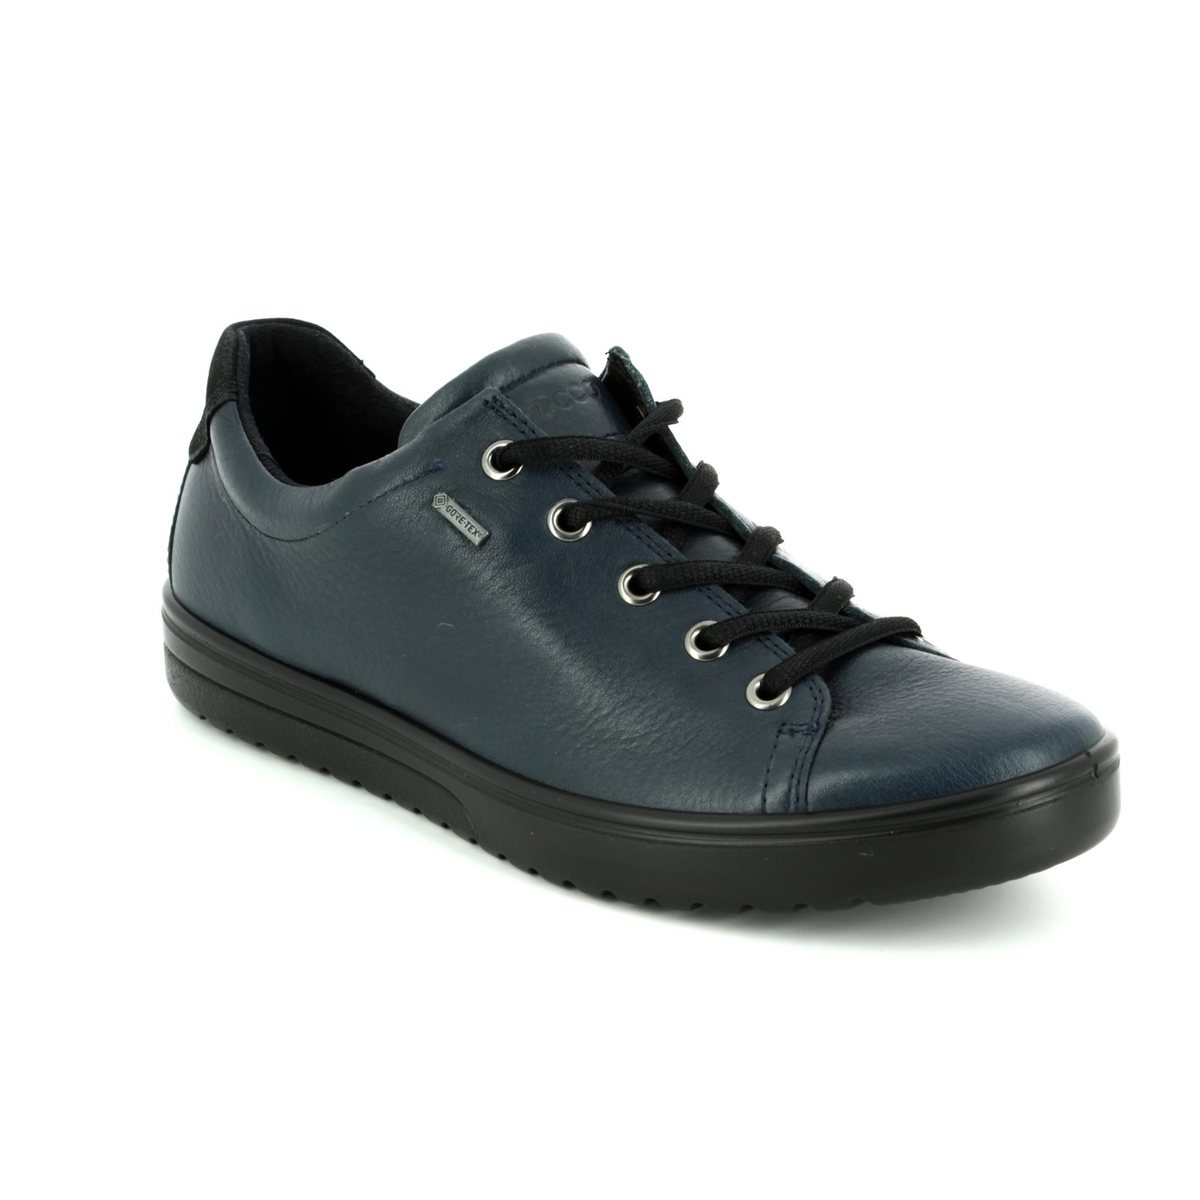 ca9df09939d1 ECCO Lacing Shoes - Navy - 235333 01038 FARA GORE-TEX